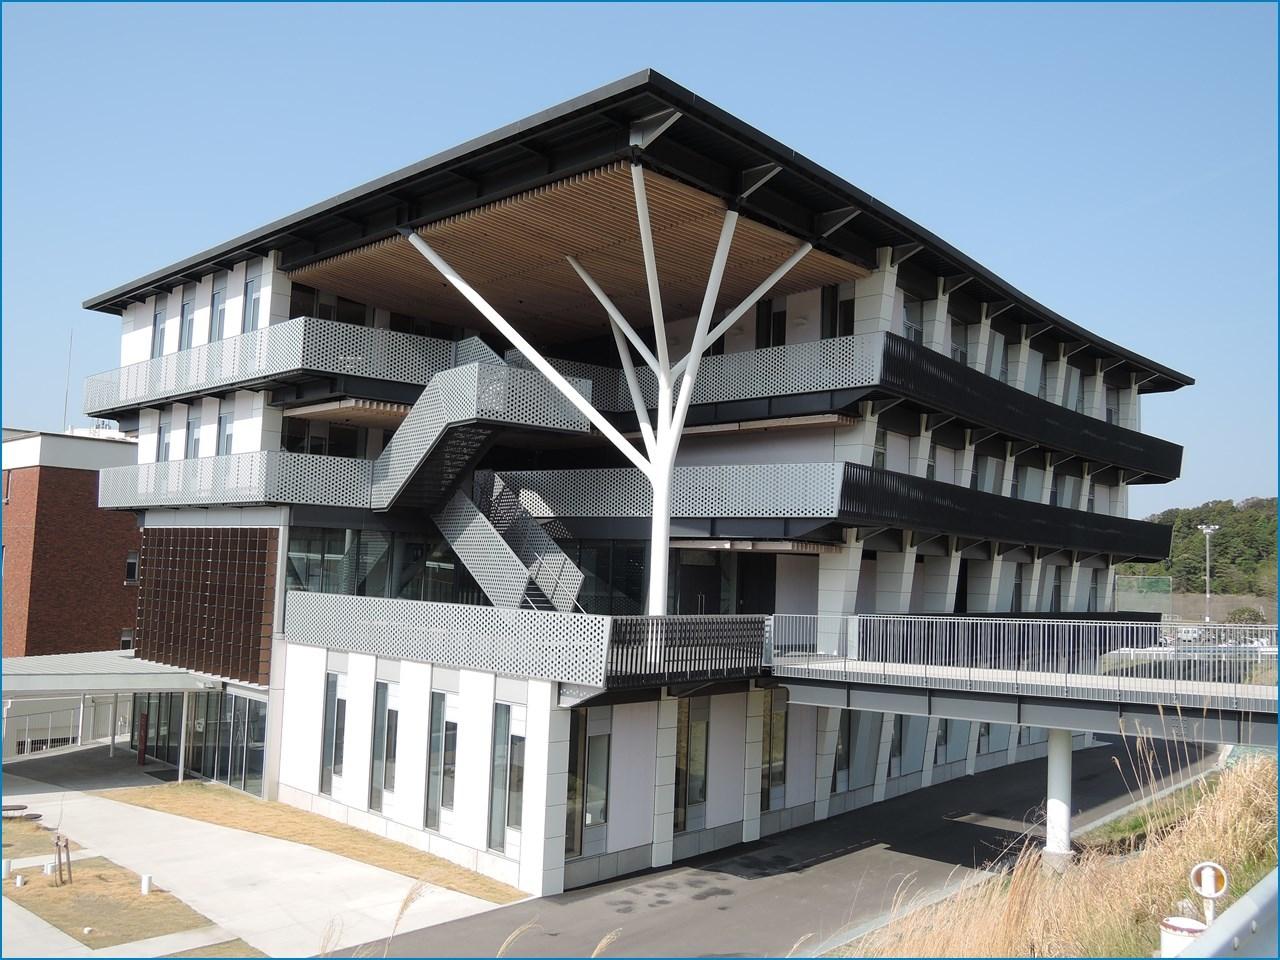 静岡理工科大学 理工学部 建築学科棟の見学 1_c0376508_15424122.jpg